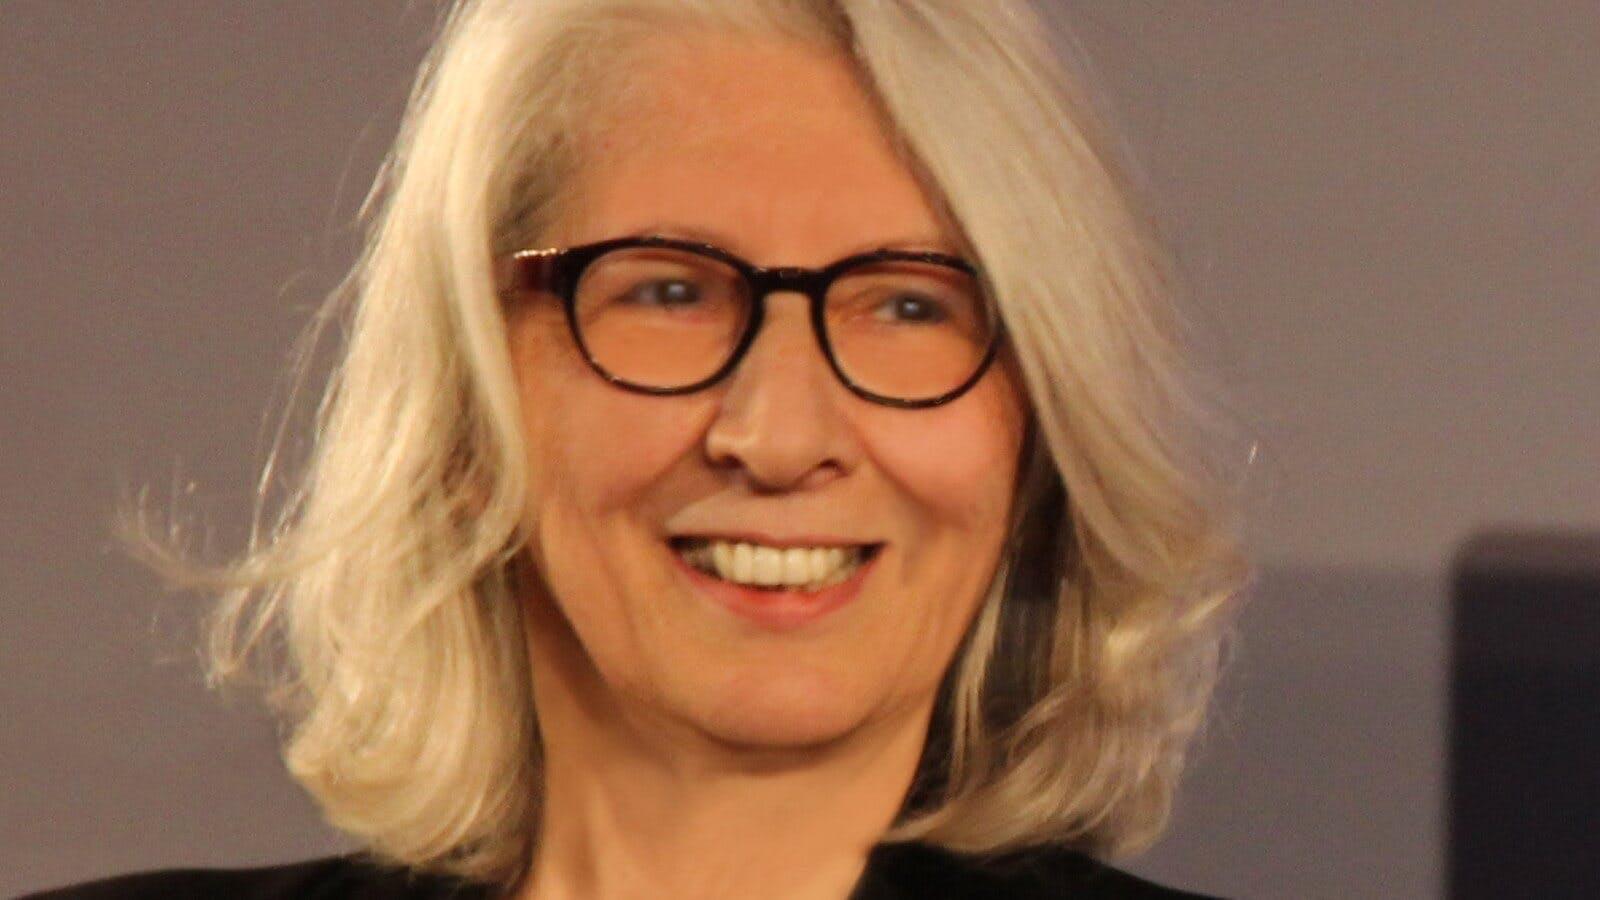 Saniye Gülser Corat, UNESCO's former Director for Gender Equality discussing gender, education and board diversity